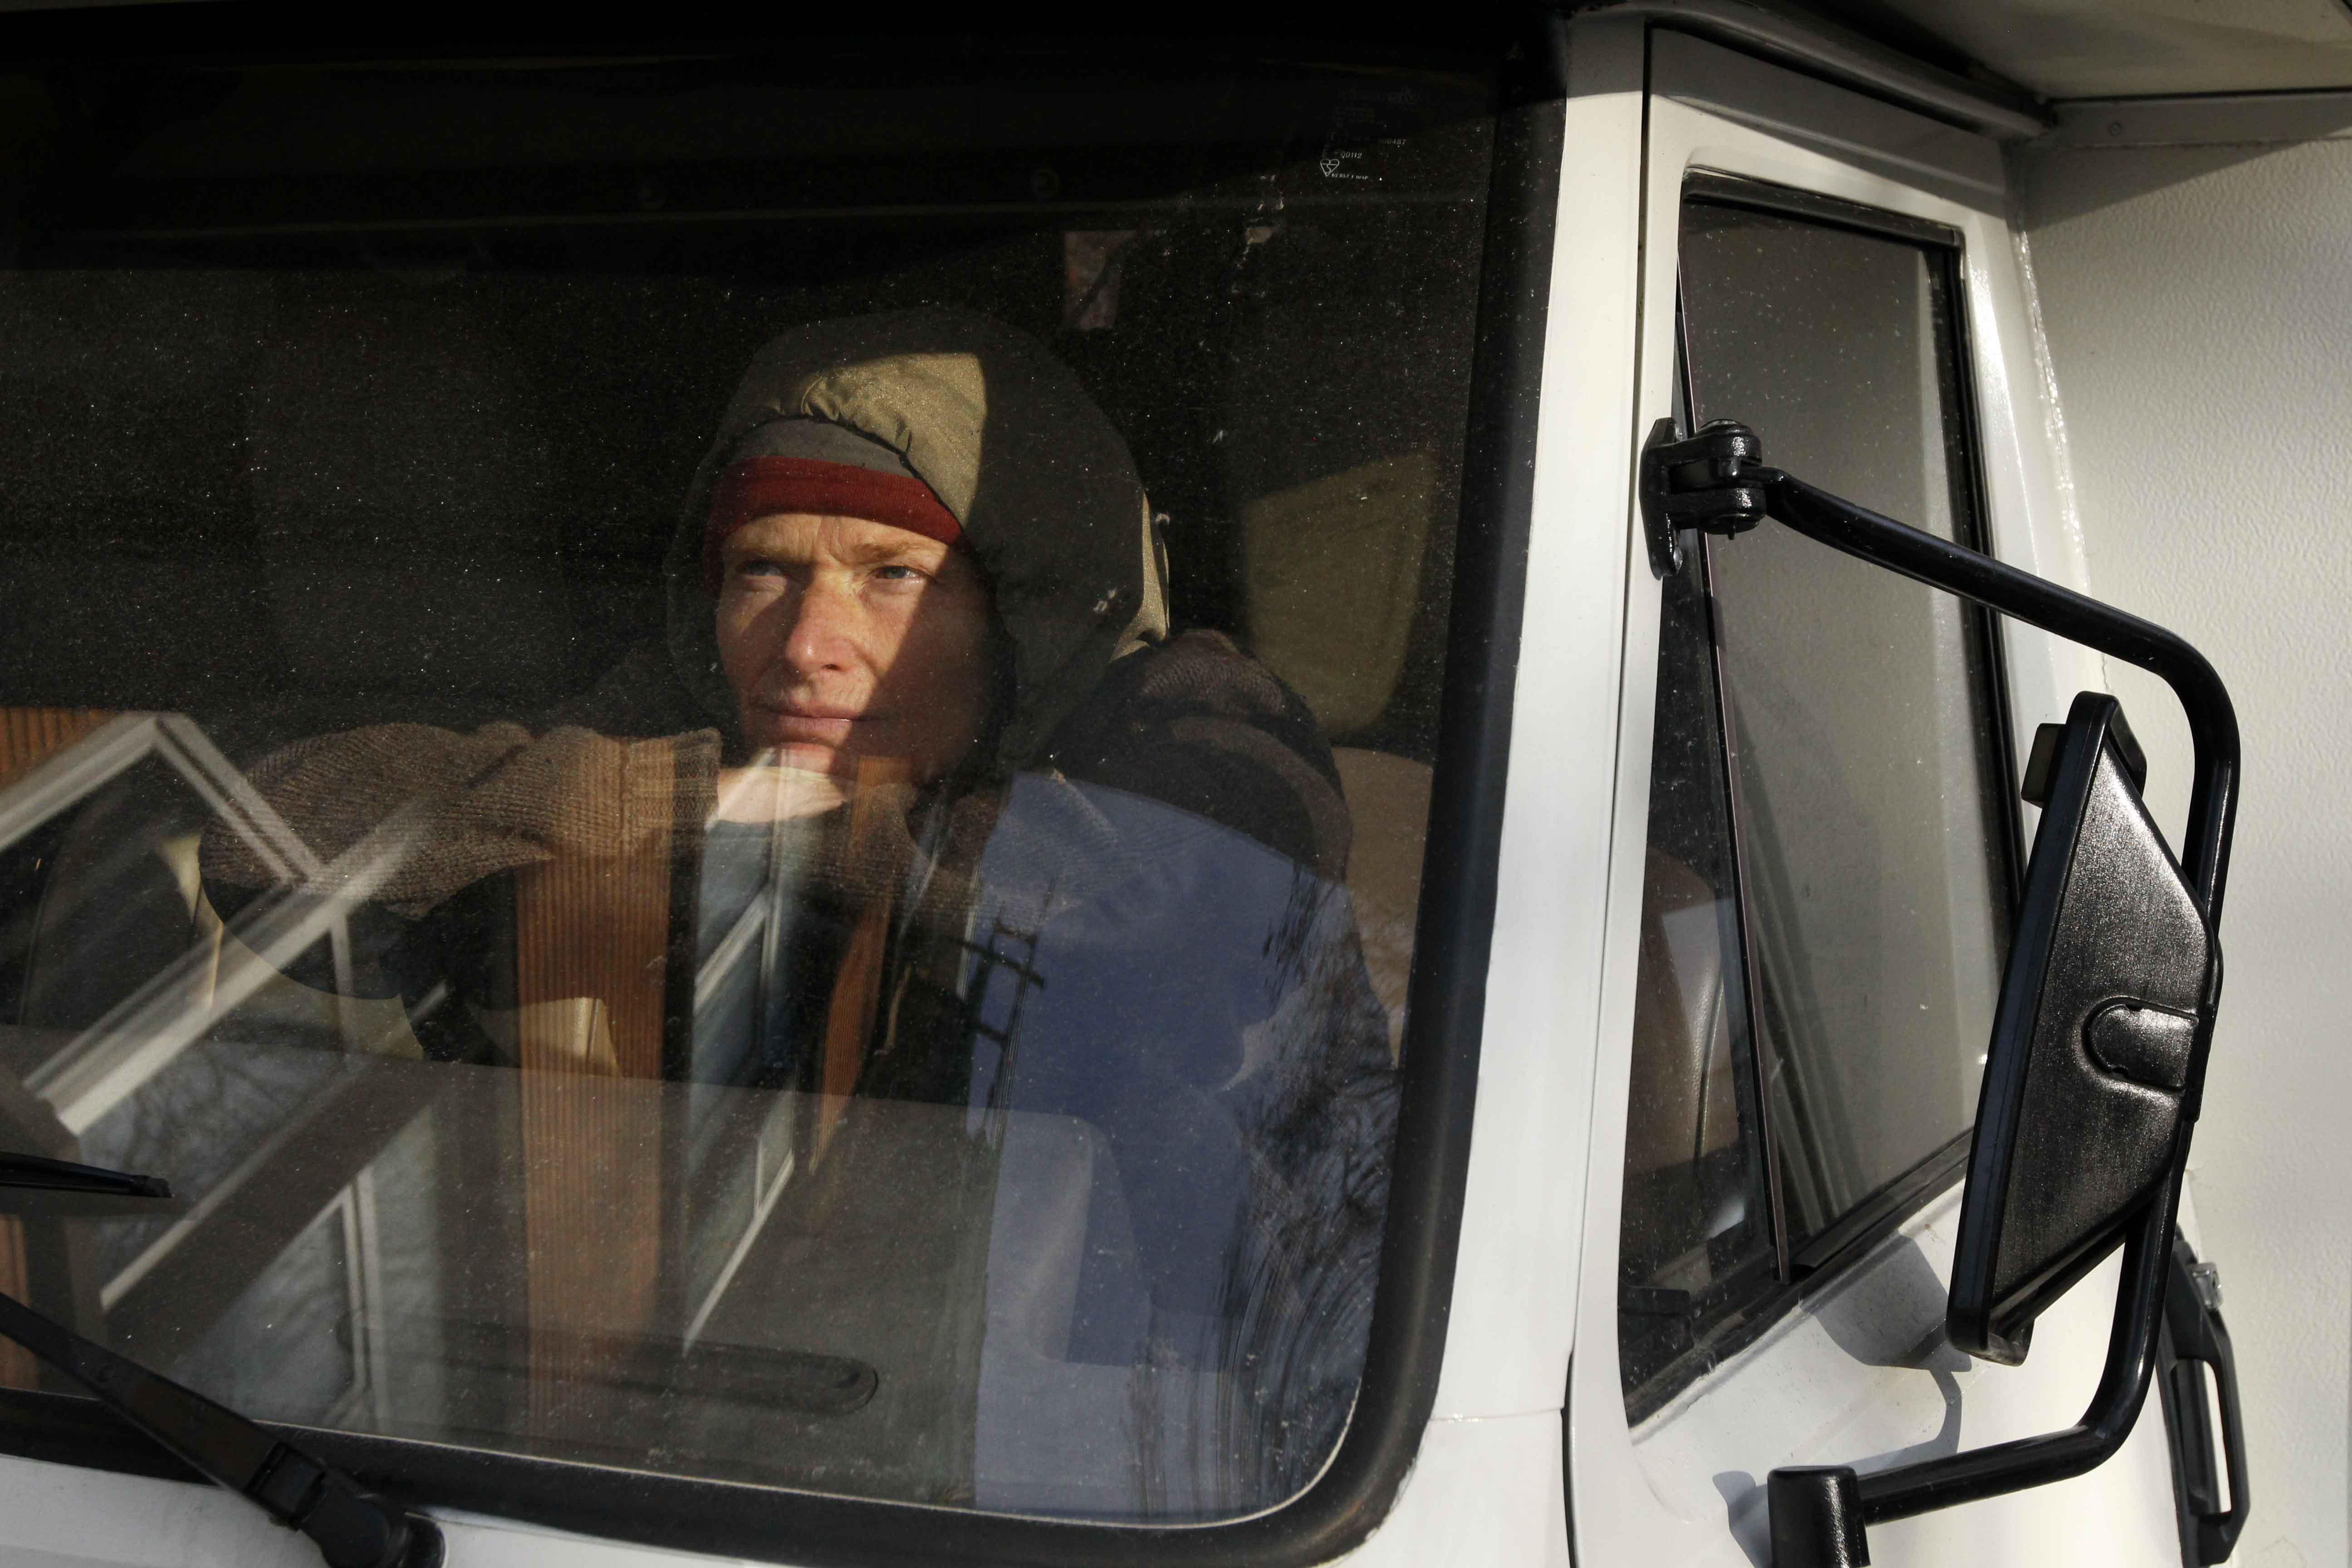 Kristien dans son camping car, bien décidée à prendre la route.